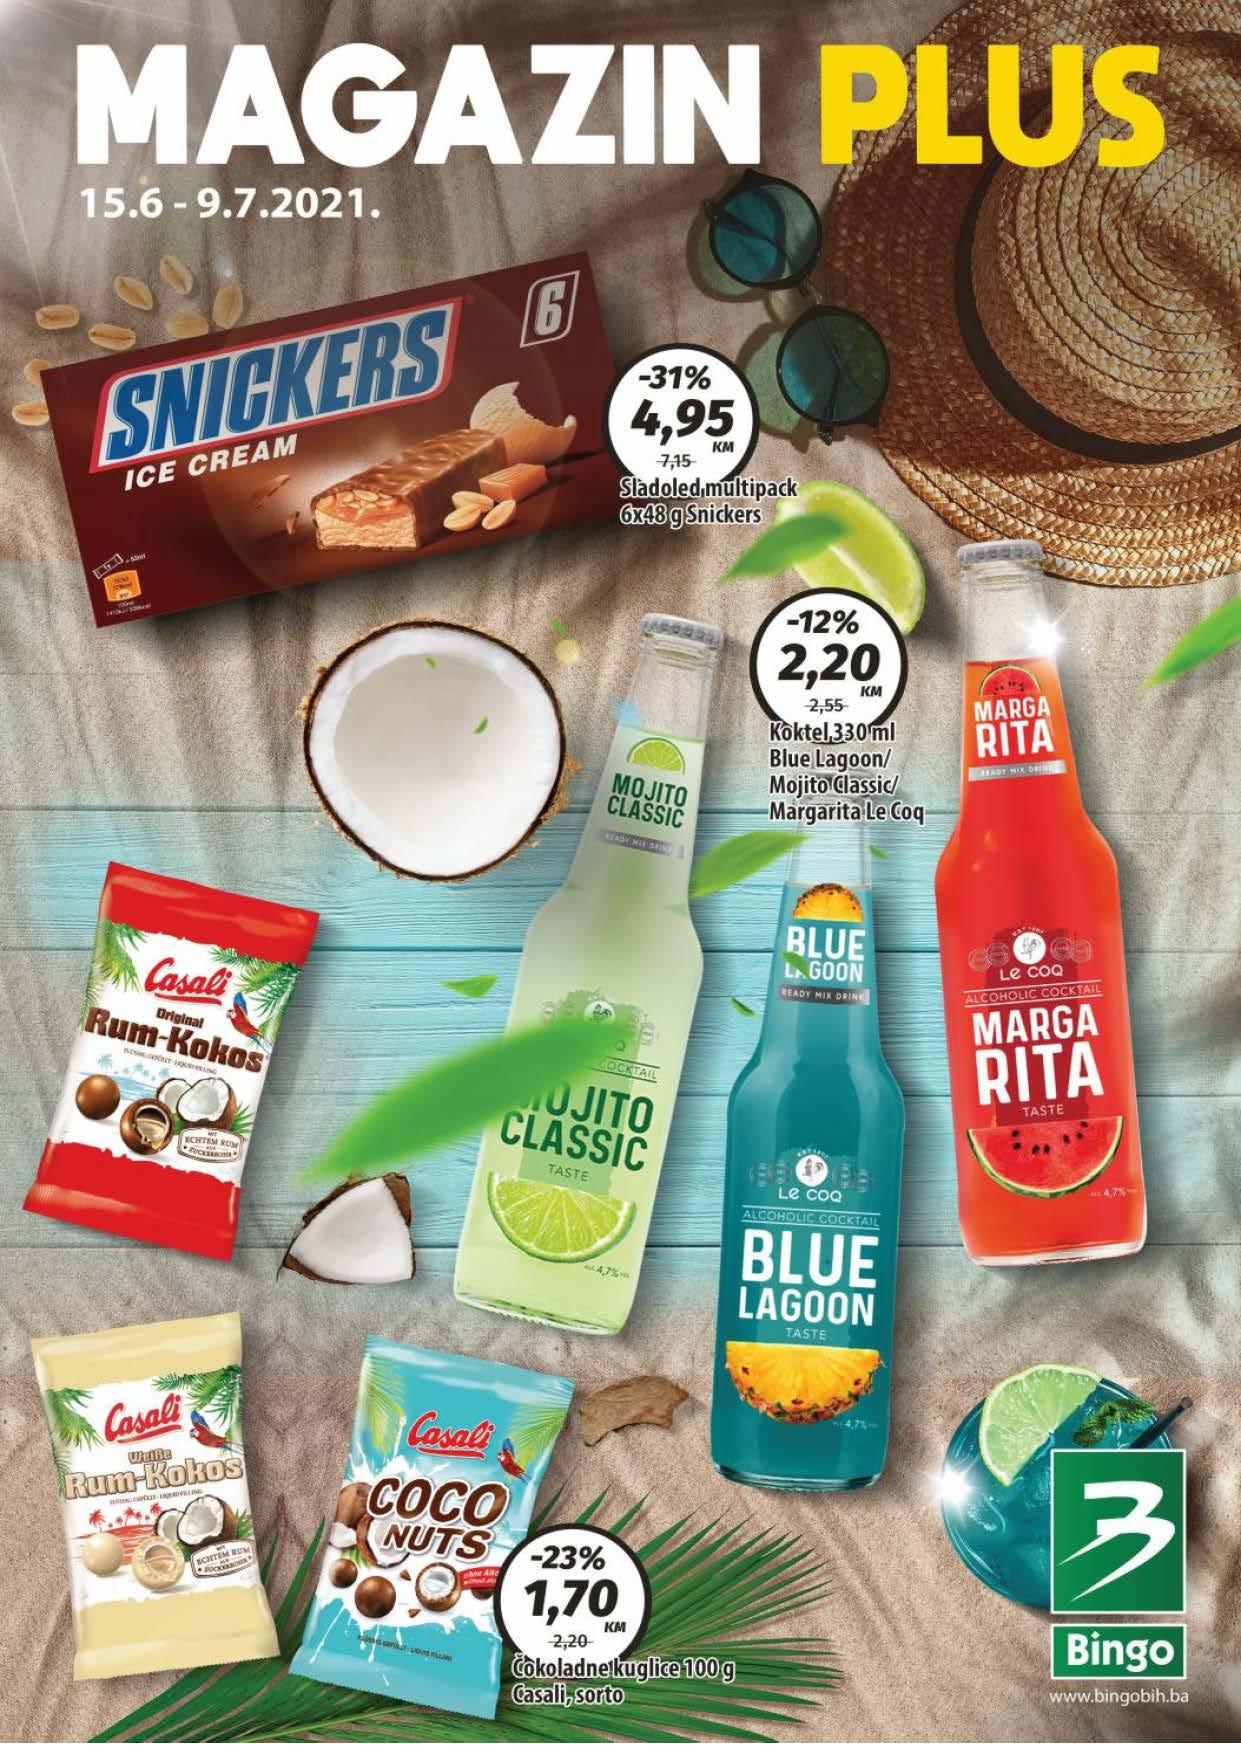 BINGO Katalog Magazin PLUS JUN i JUL 2021 15.6. 9.7. eKatalozi.com PR Page 01 1